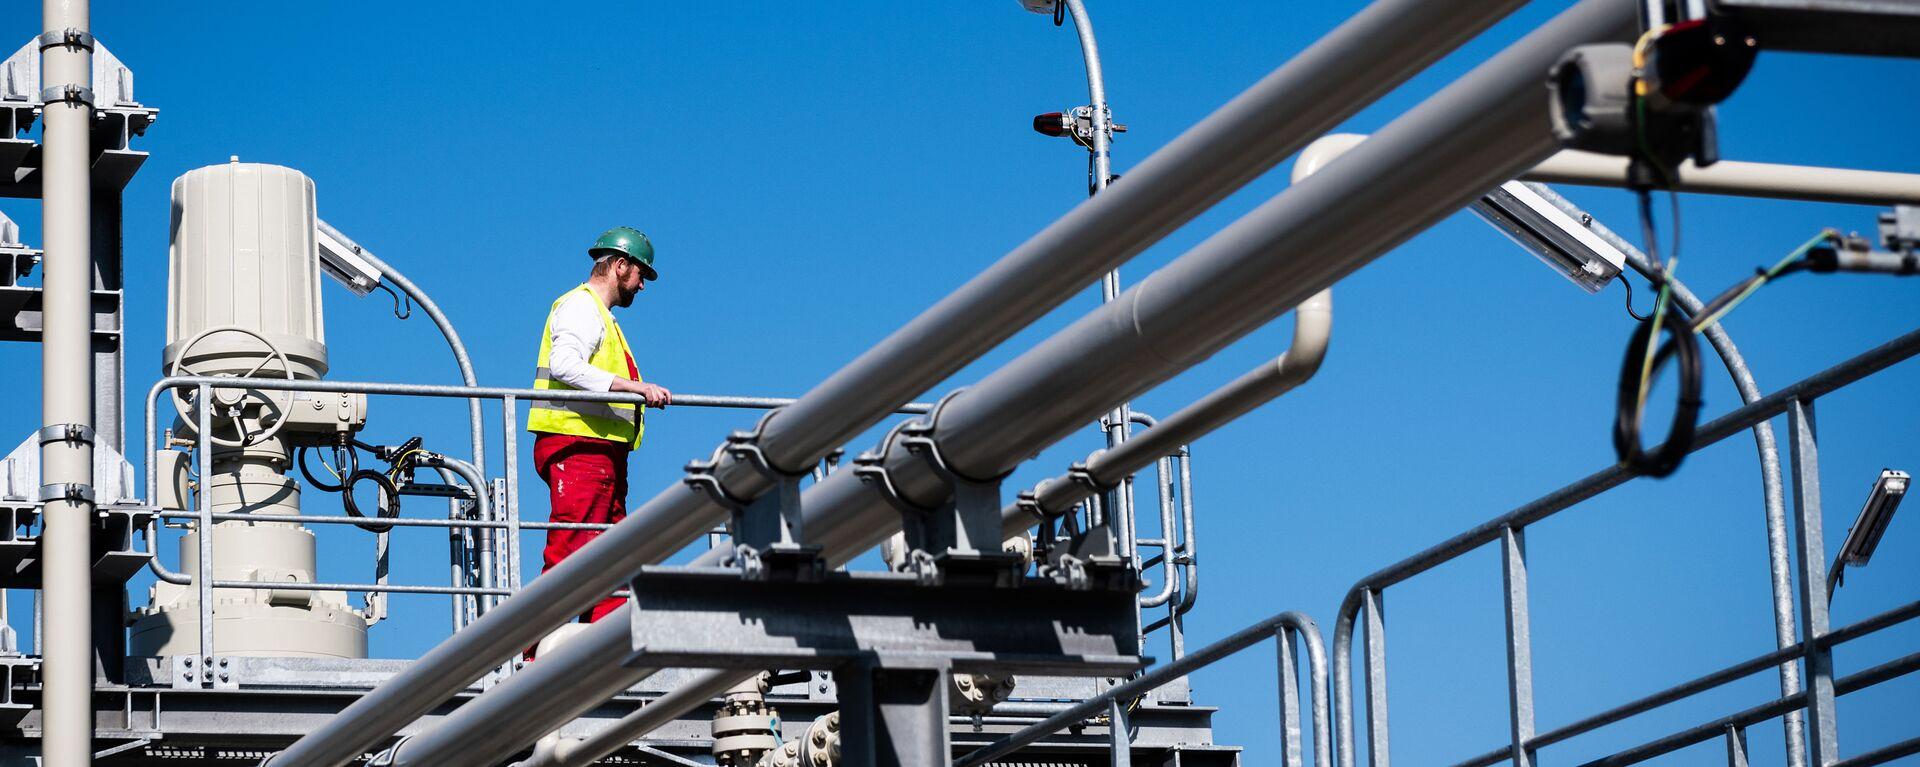 Xây dựng đường ống dẫn khí Nord Stream 2 ở Đức - Sputnik Việt Nam, 1920, 07.10.2021